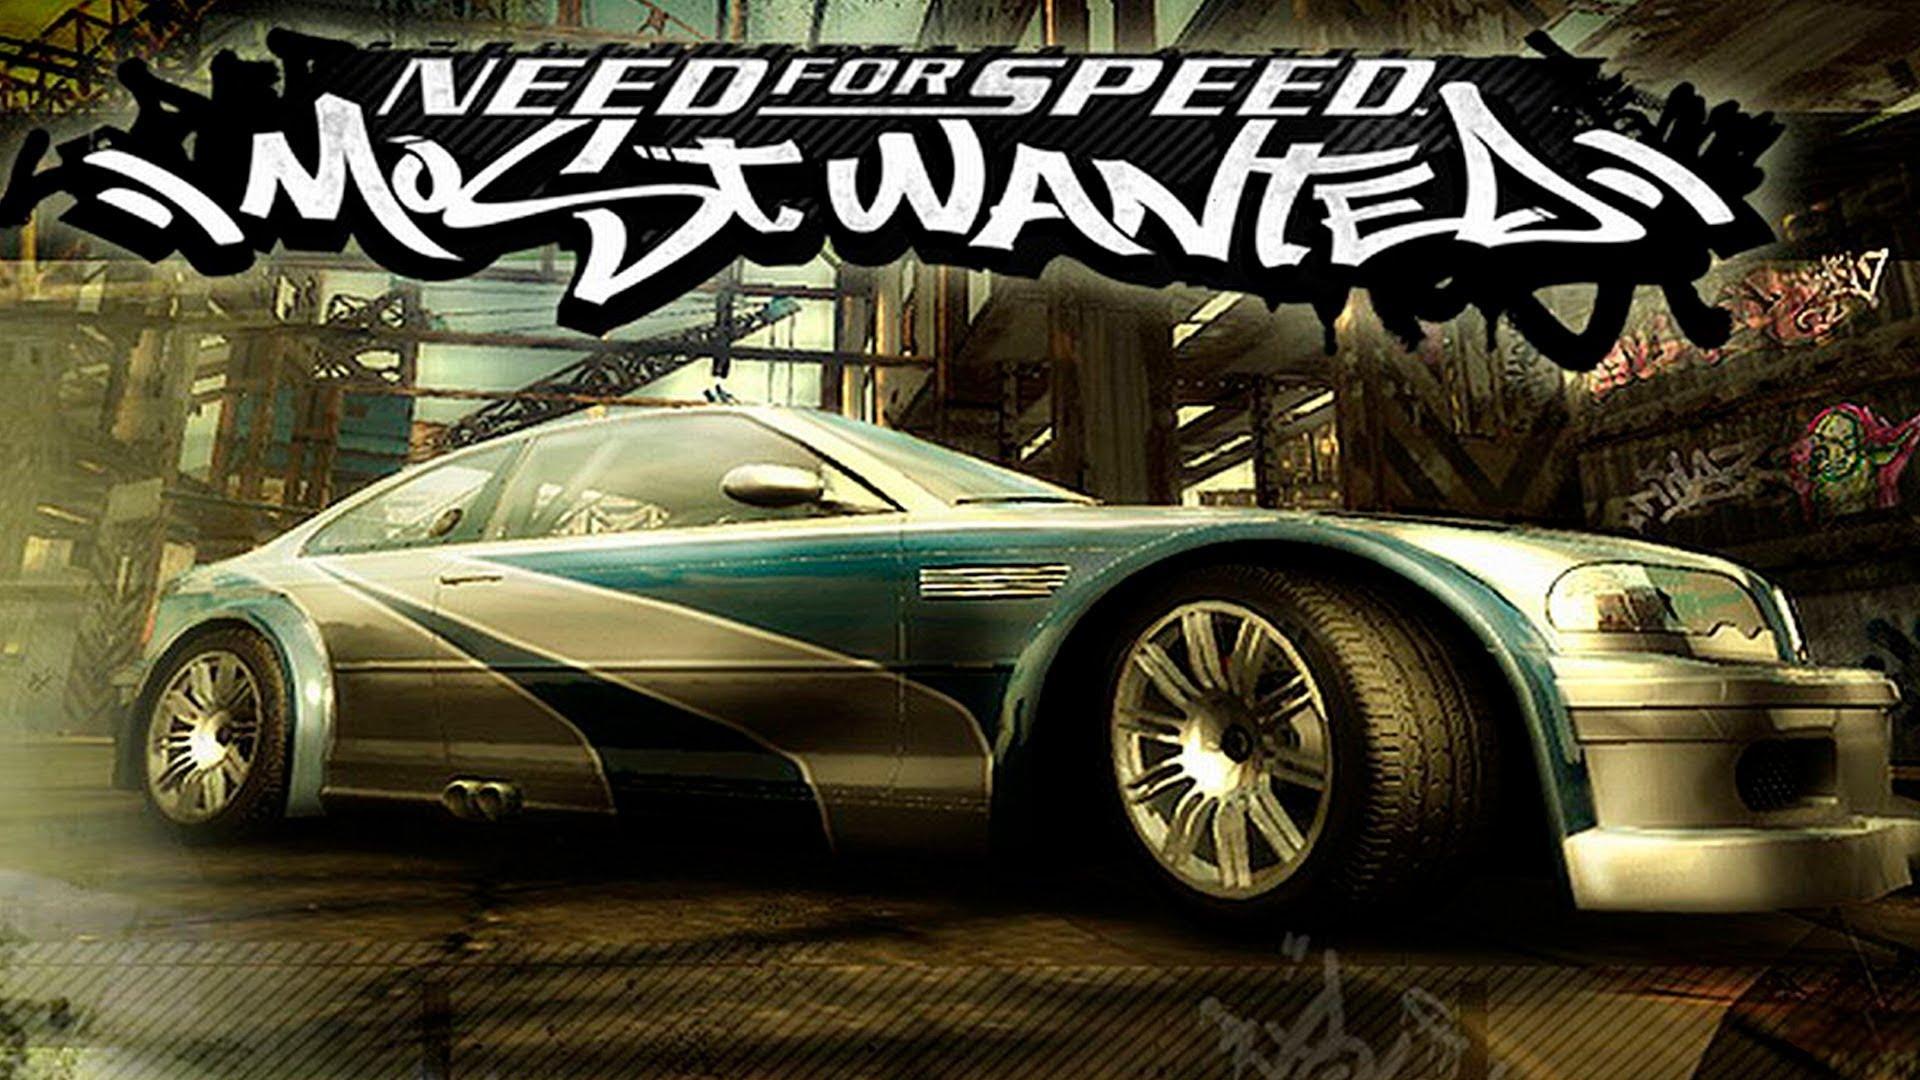 تحميل لعبة Need For Speed Most Wanted للكمبيوتر نيد فور سبيد